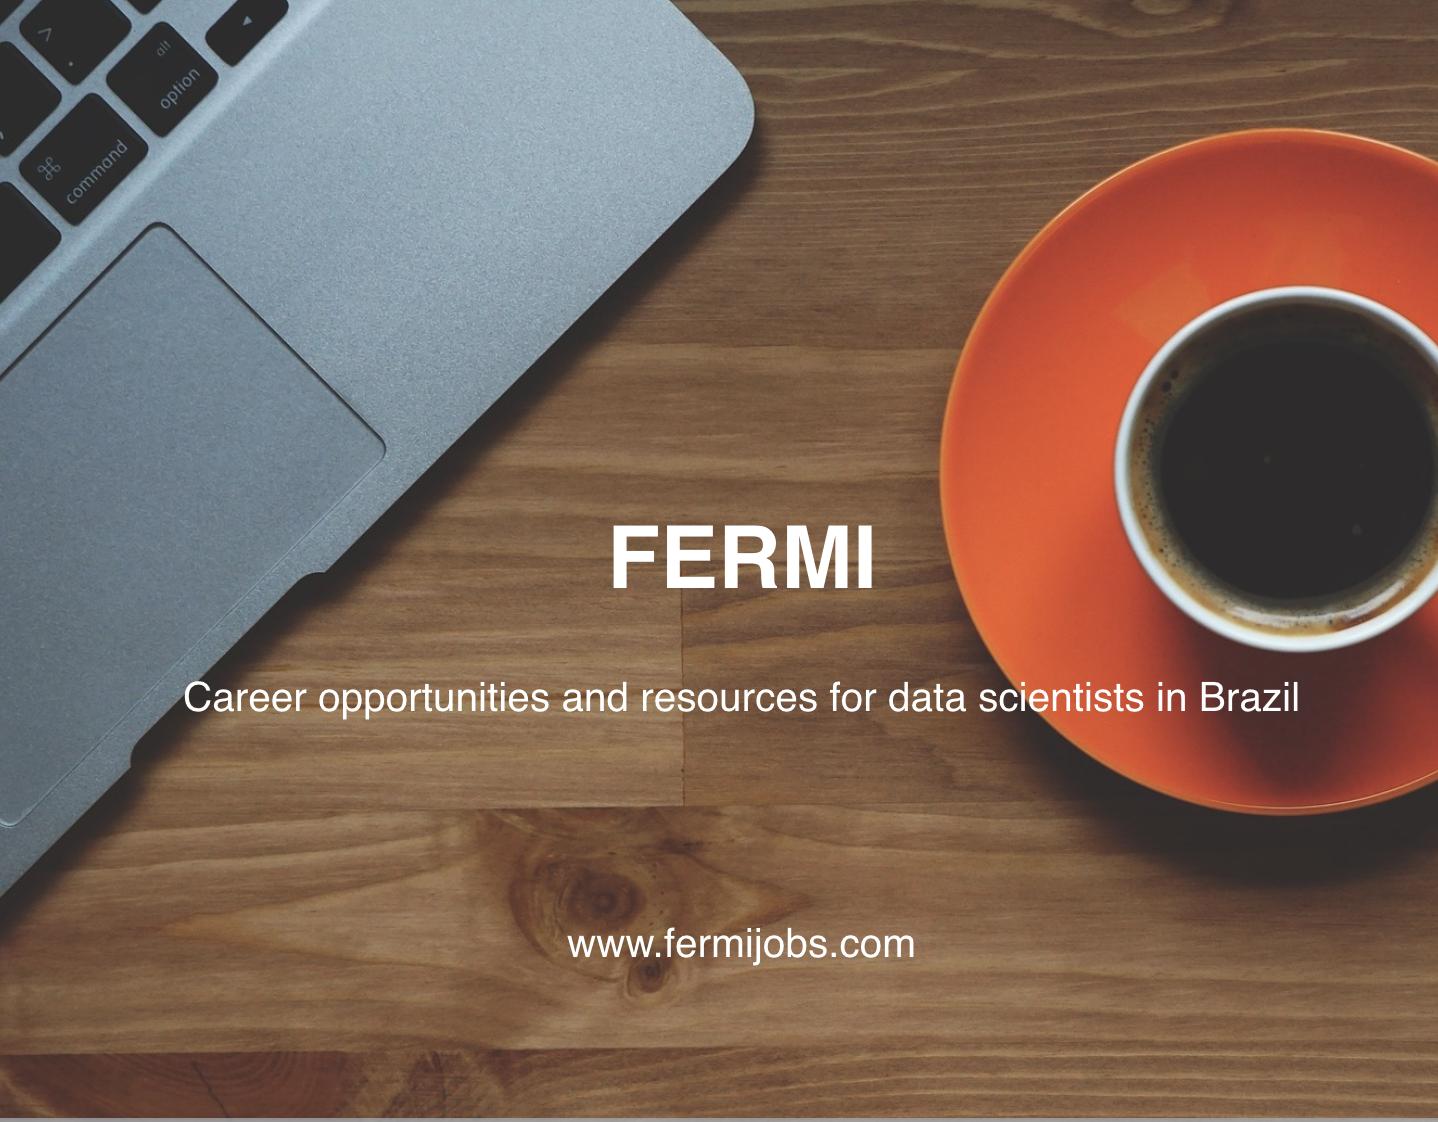 fermijobs.com